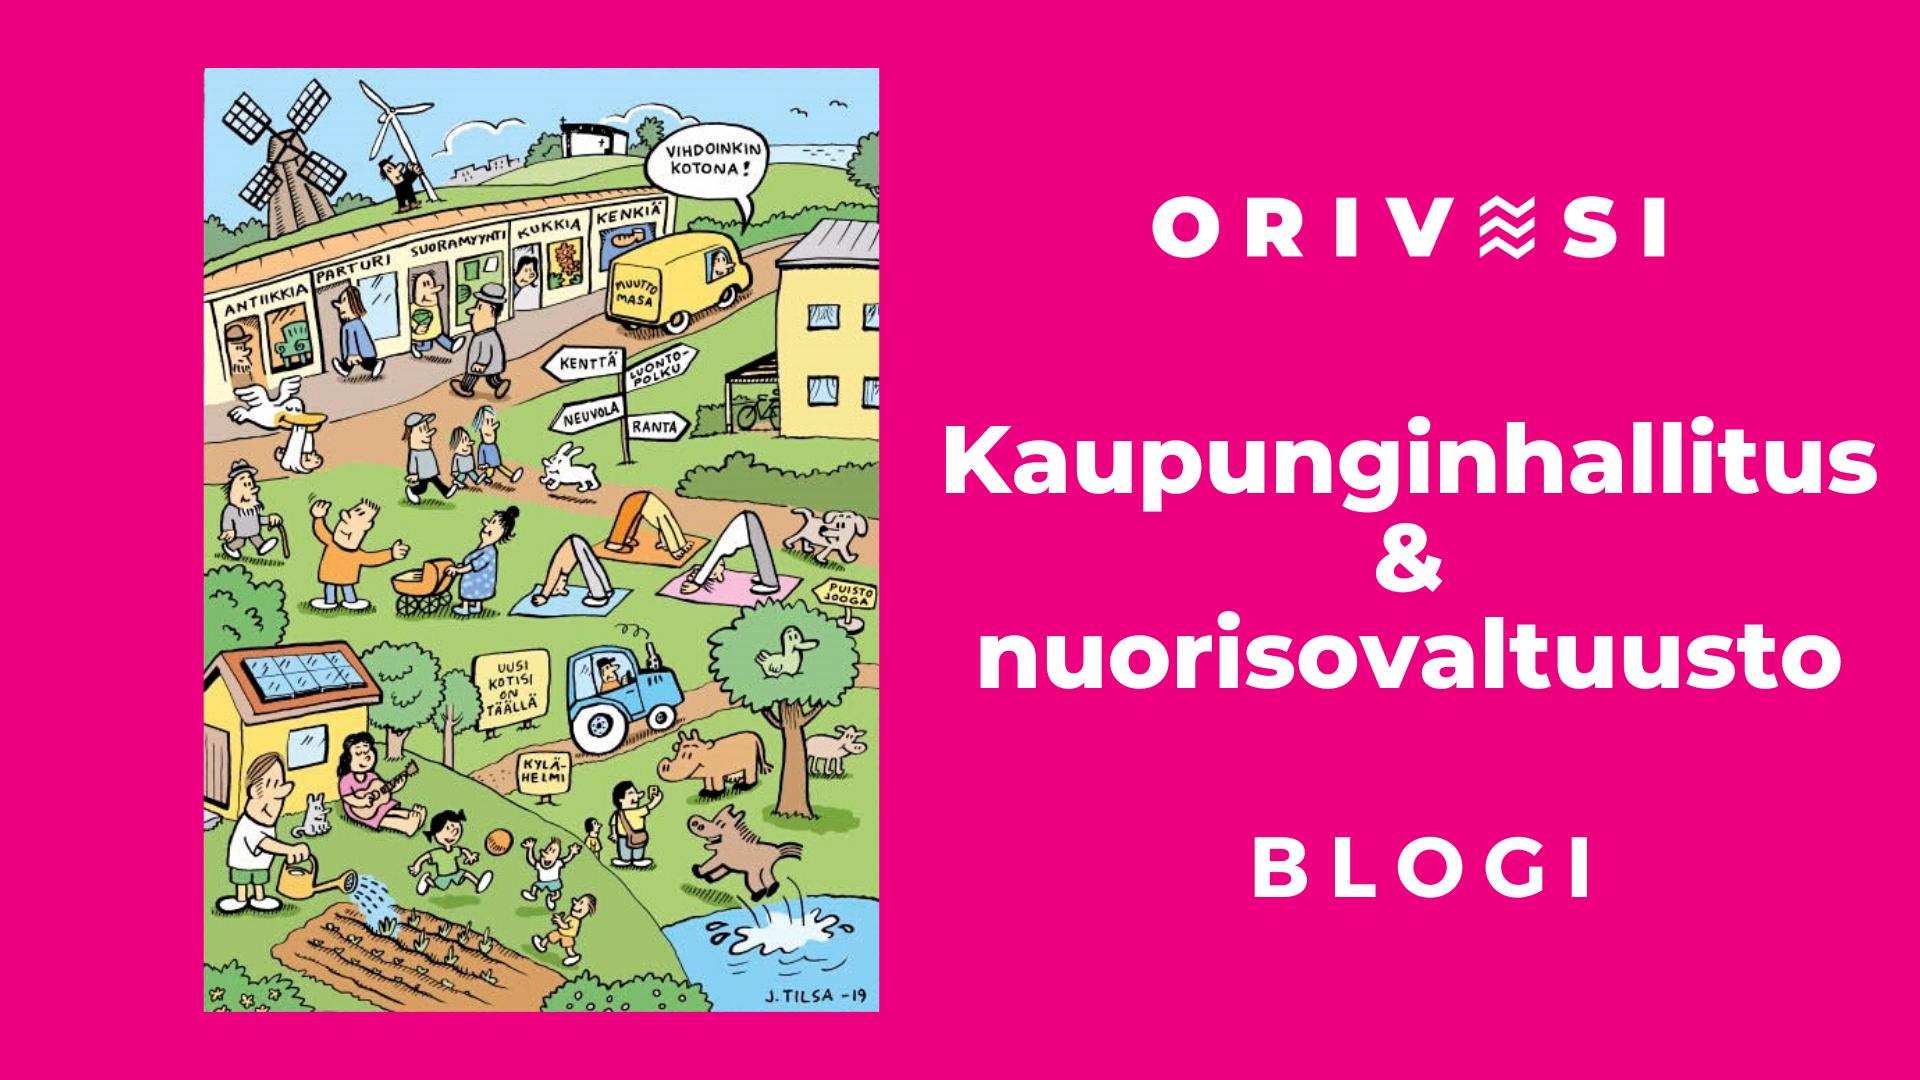 Kaupunginhallituksen ja nuorisovaltuuston blogin tunnuskuva. jossa Jukka Tilsan sarjakuvakuvitusta.